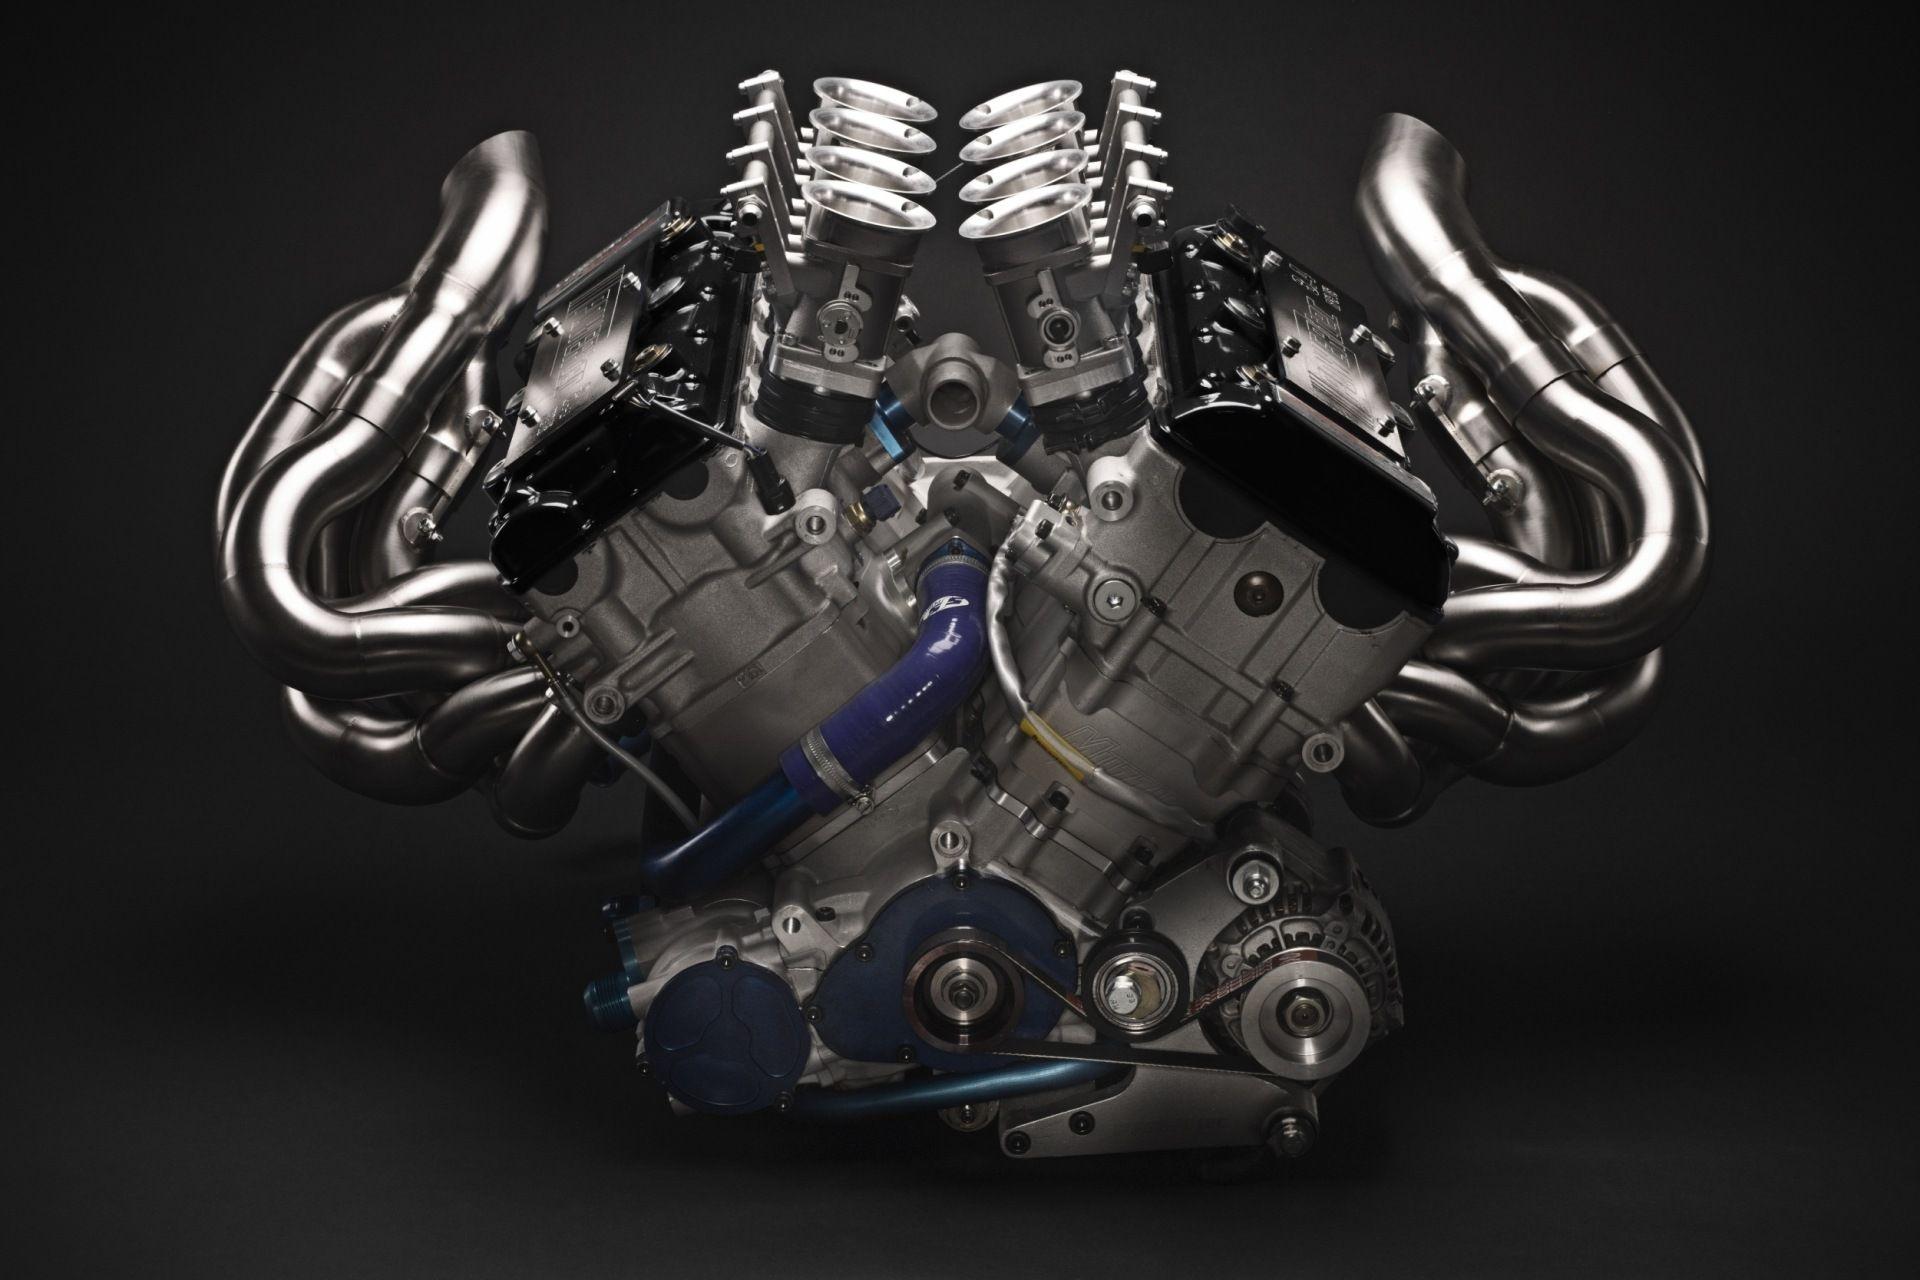 RPE-V8-engine.jpg